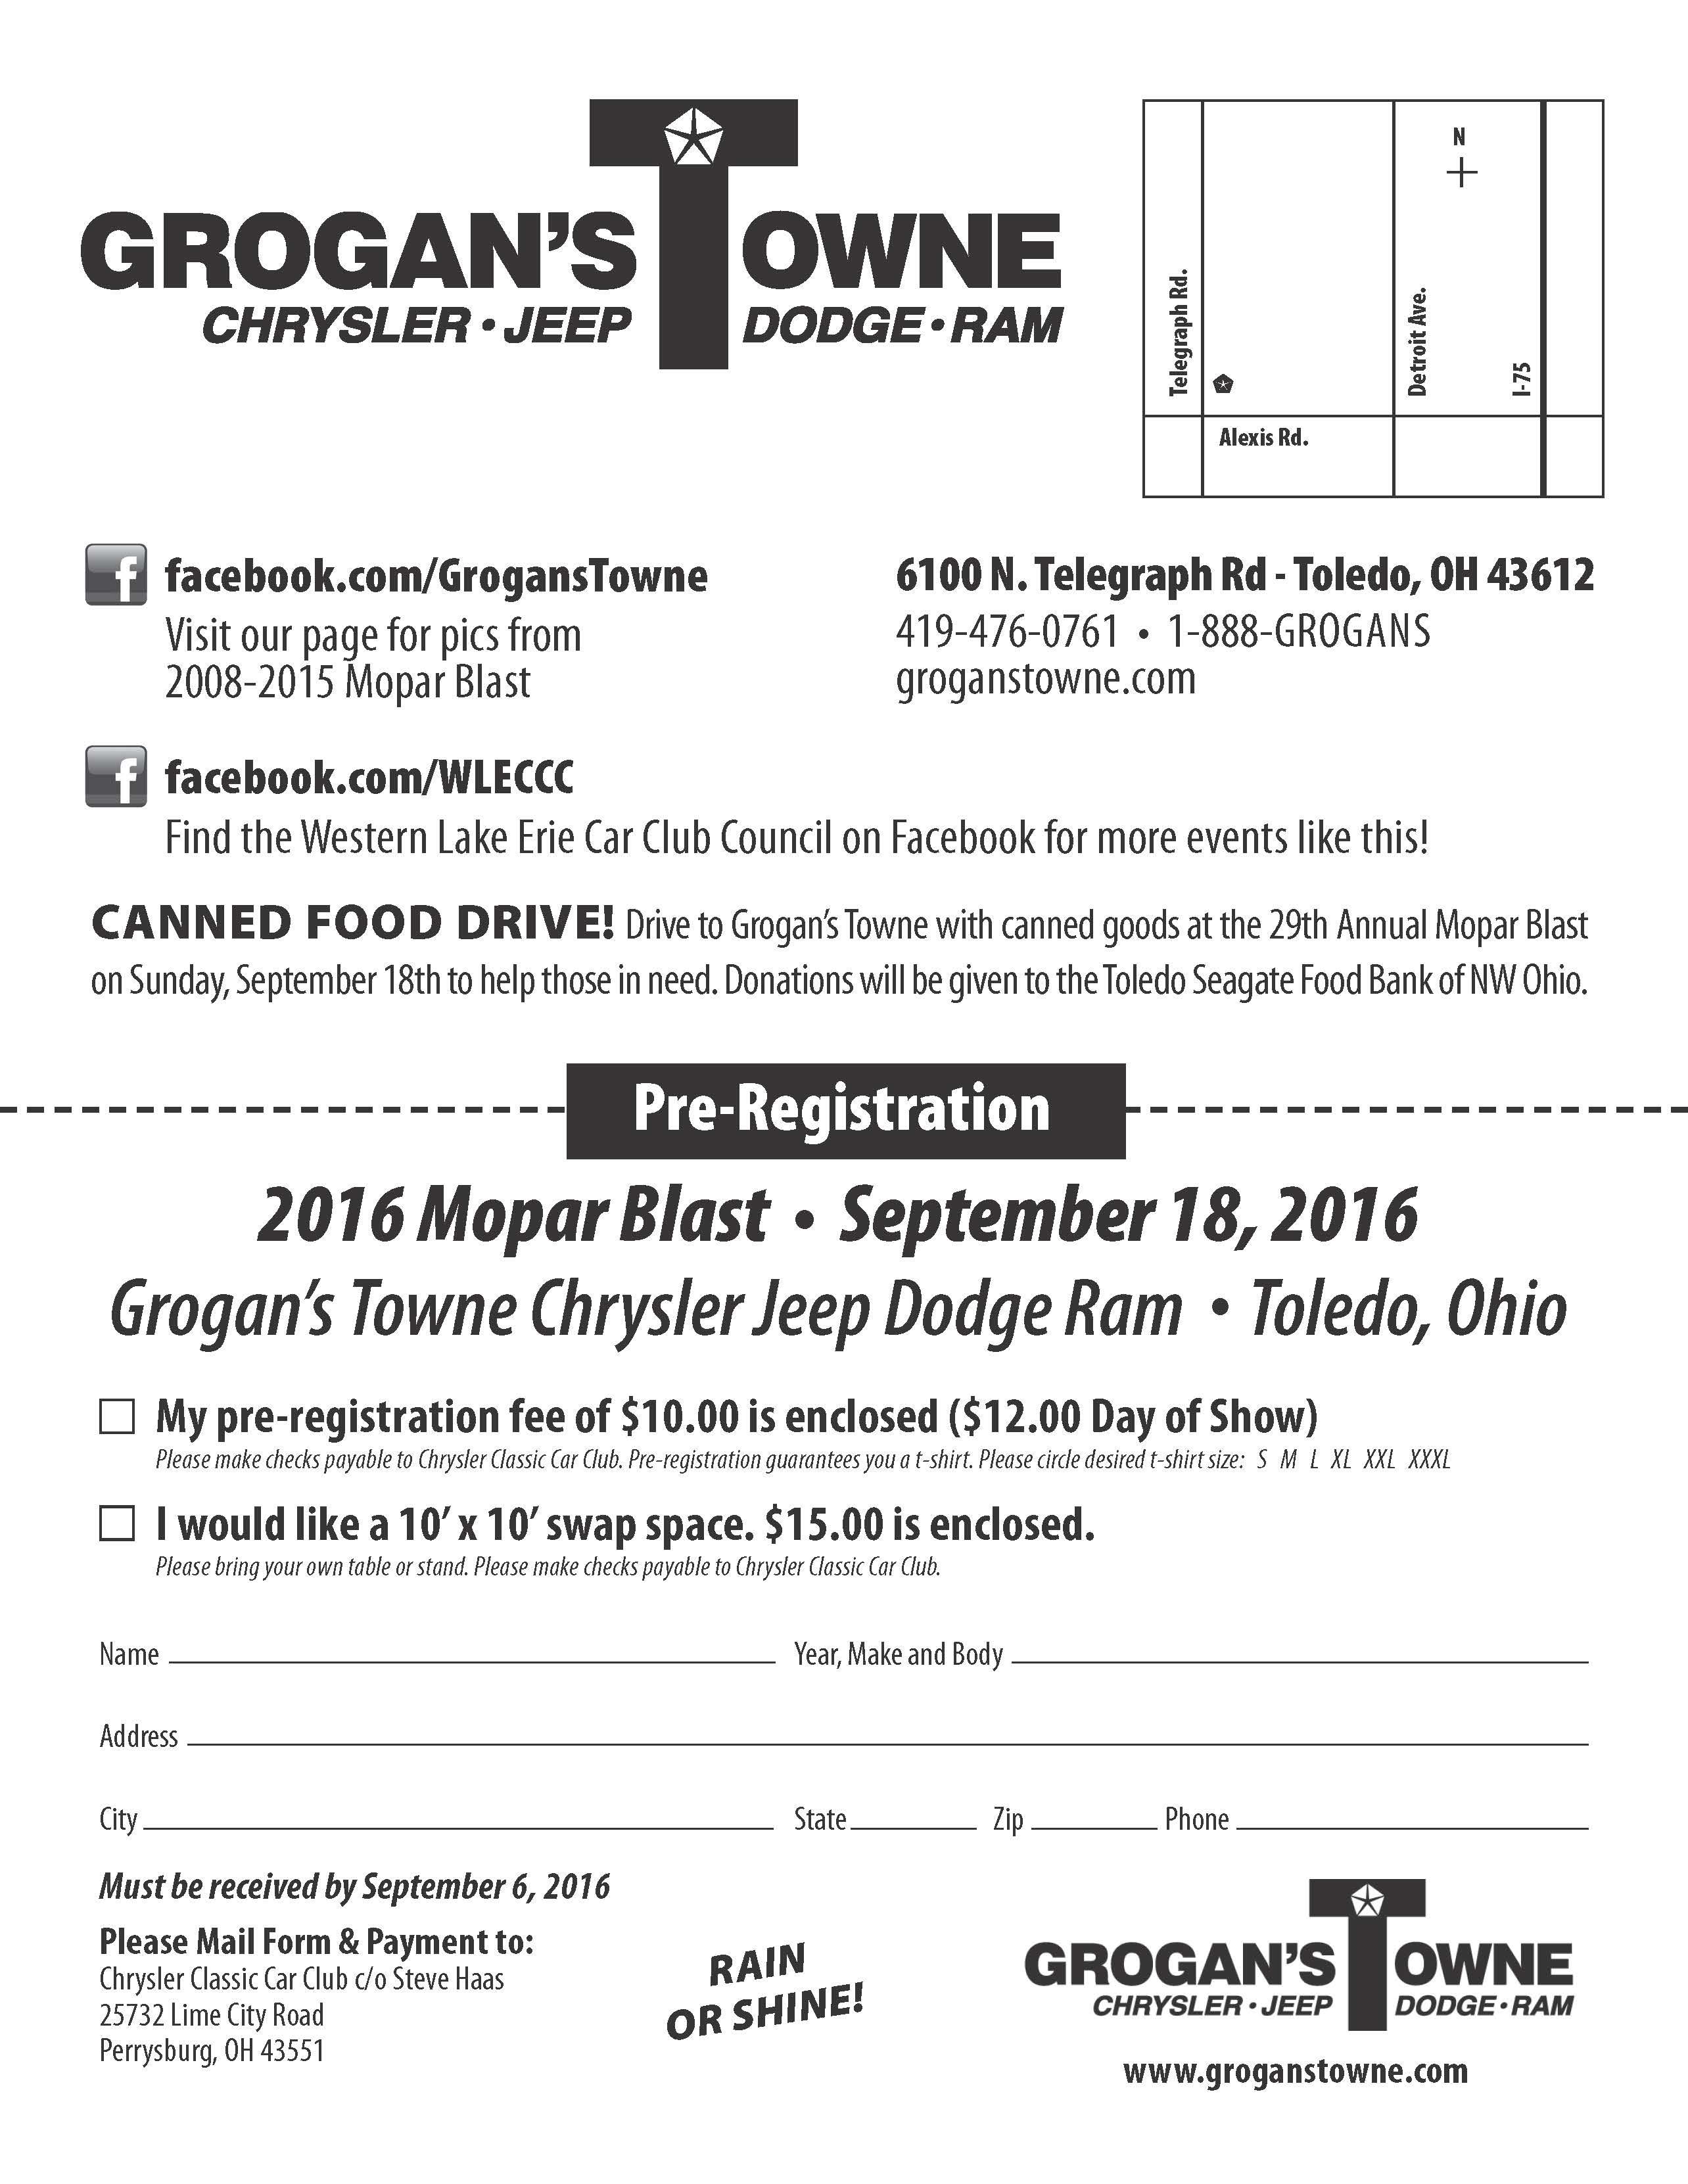 grogan 39 s towne chrysler jeep dodge ram new chrysler dodge jeep ram dealership in toledo oh. Black Bedroom Furniture Sets. Home Design Ideas